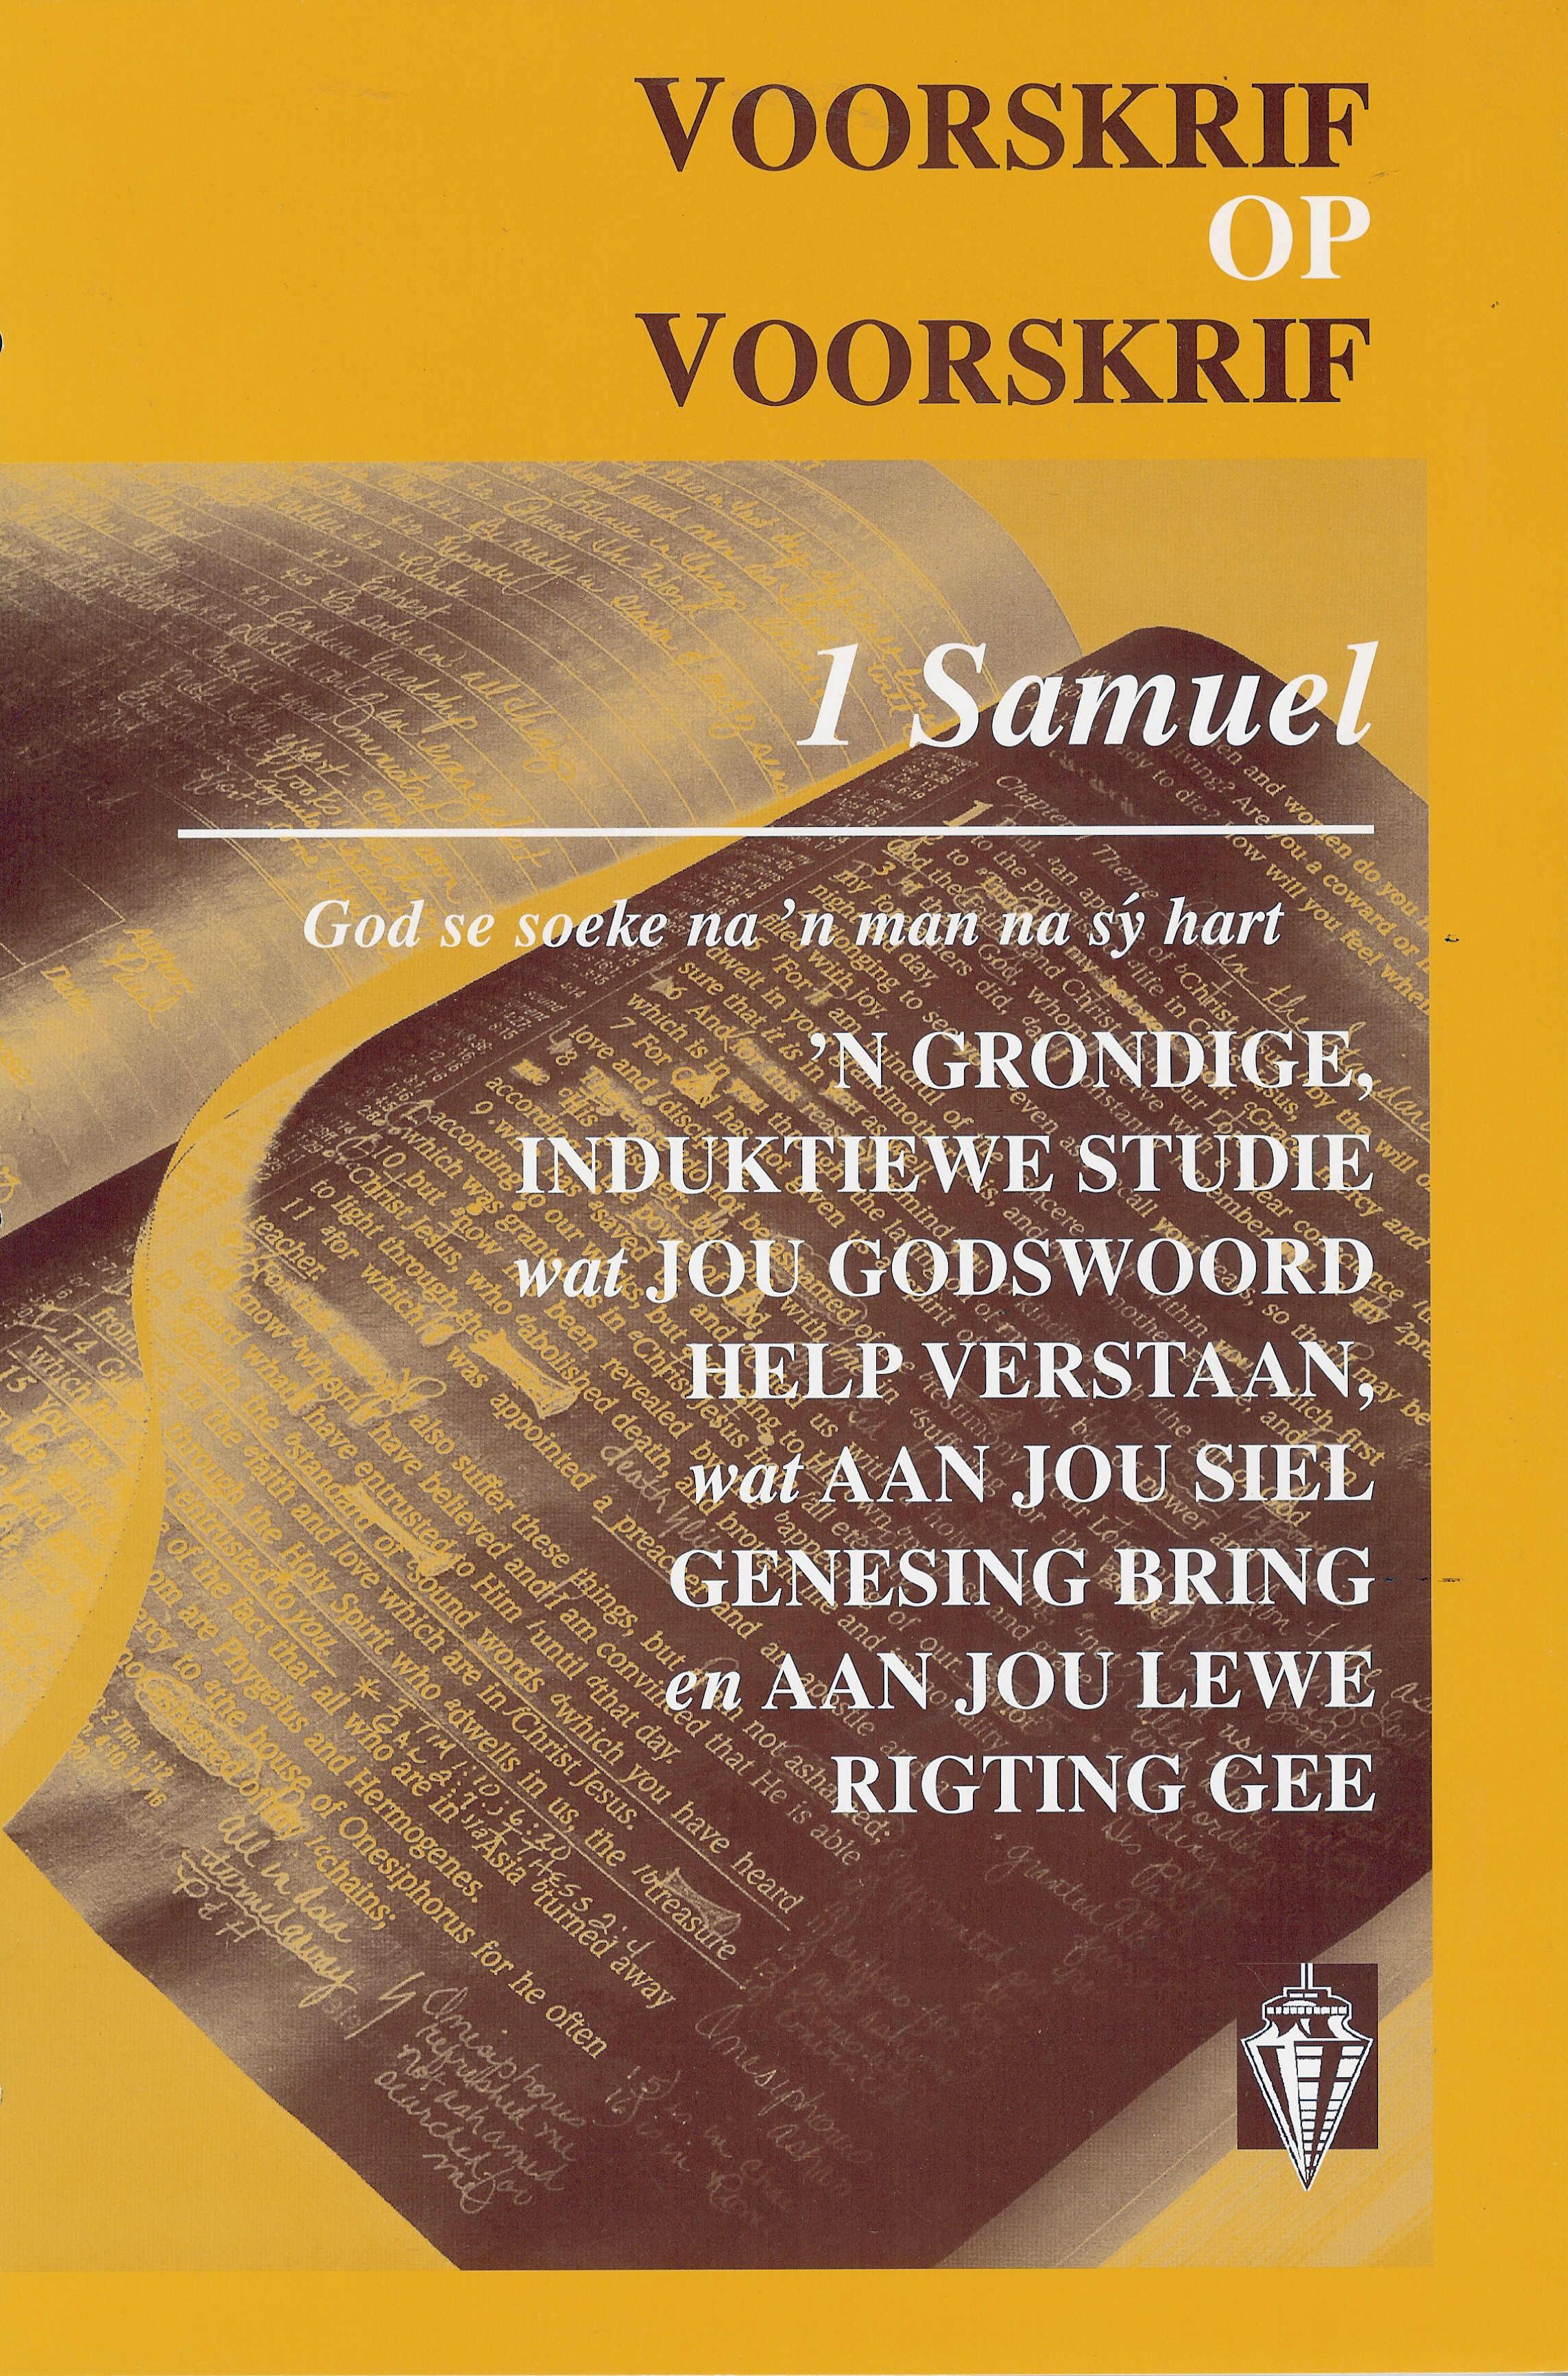 VOV 1 Samuel - Precept Ministries South Africa